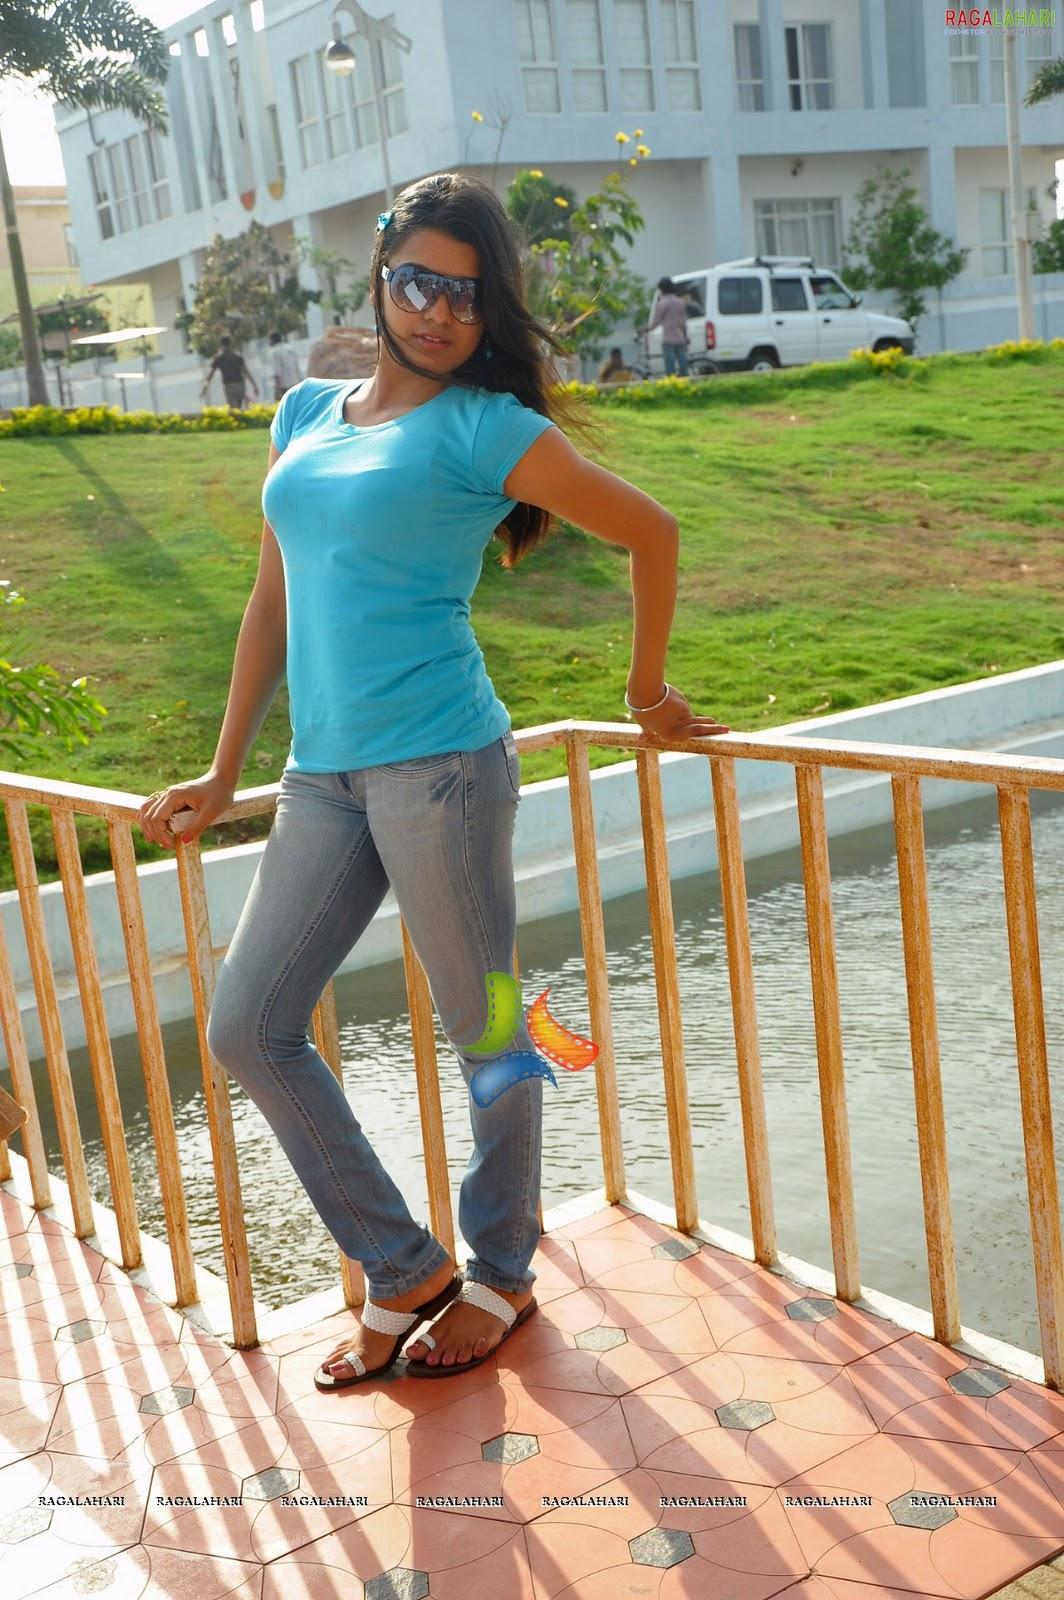 http://2.bp.blogspot.com/_3WvqqQCgVls/TSK-2oBWaaI/AAAAAAAABMU/ewicTWmJyd8/s1600/tashu-kaushik-graduate-high-resolution130.jpg